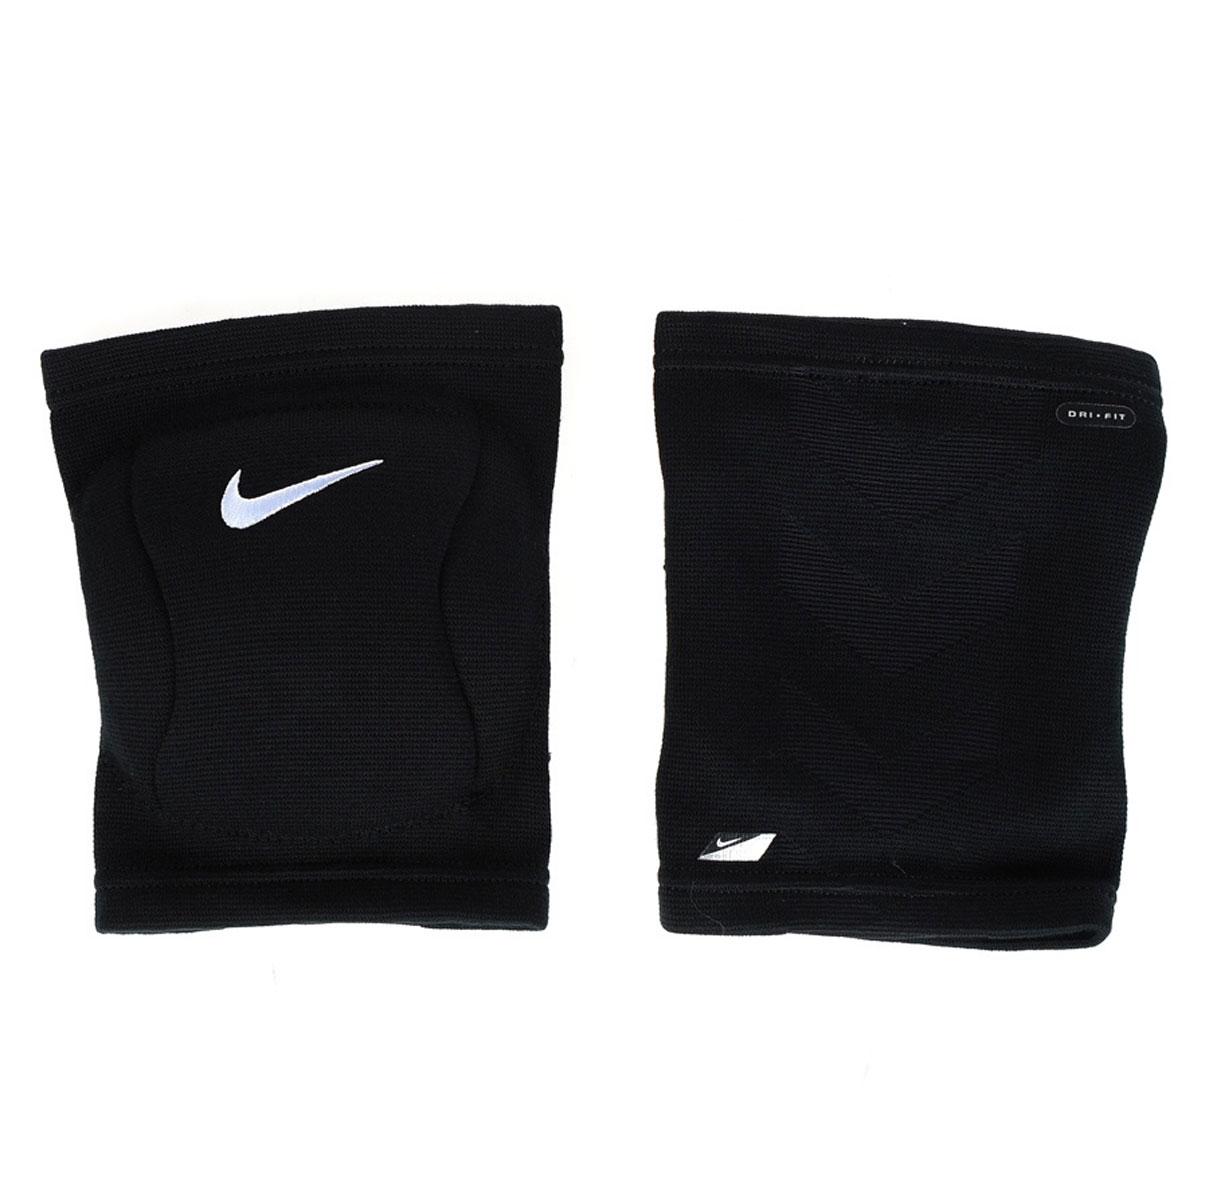 Наколенник Nike, цвет: черный. Размер L/XLRivaCase 7560 greyЗащитный наколенник для волейбола. В составе - вспененная резина, не натирают, комфортно сидят на ноге. С внутренней стороны - мягкая подкладка. Не стесняет движения. Очень легкие и плотно обтягивают ногу.